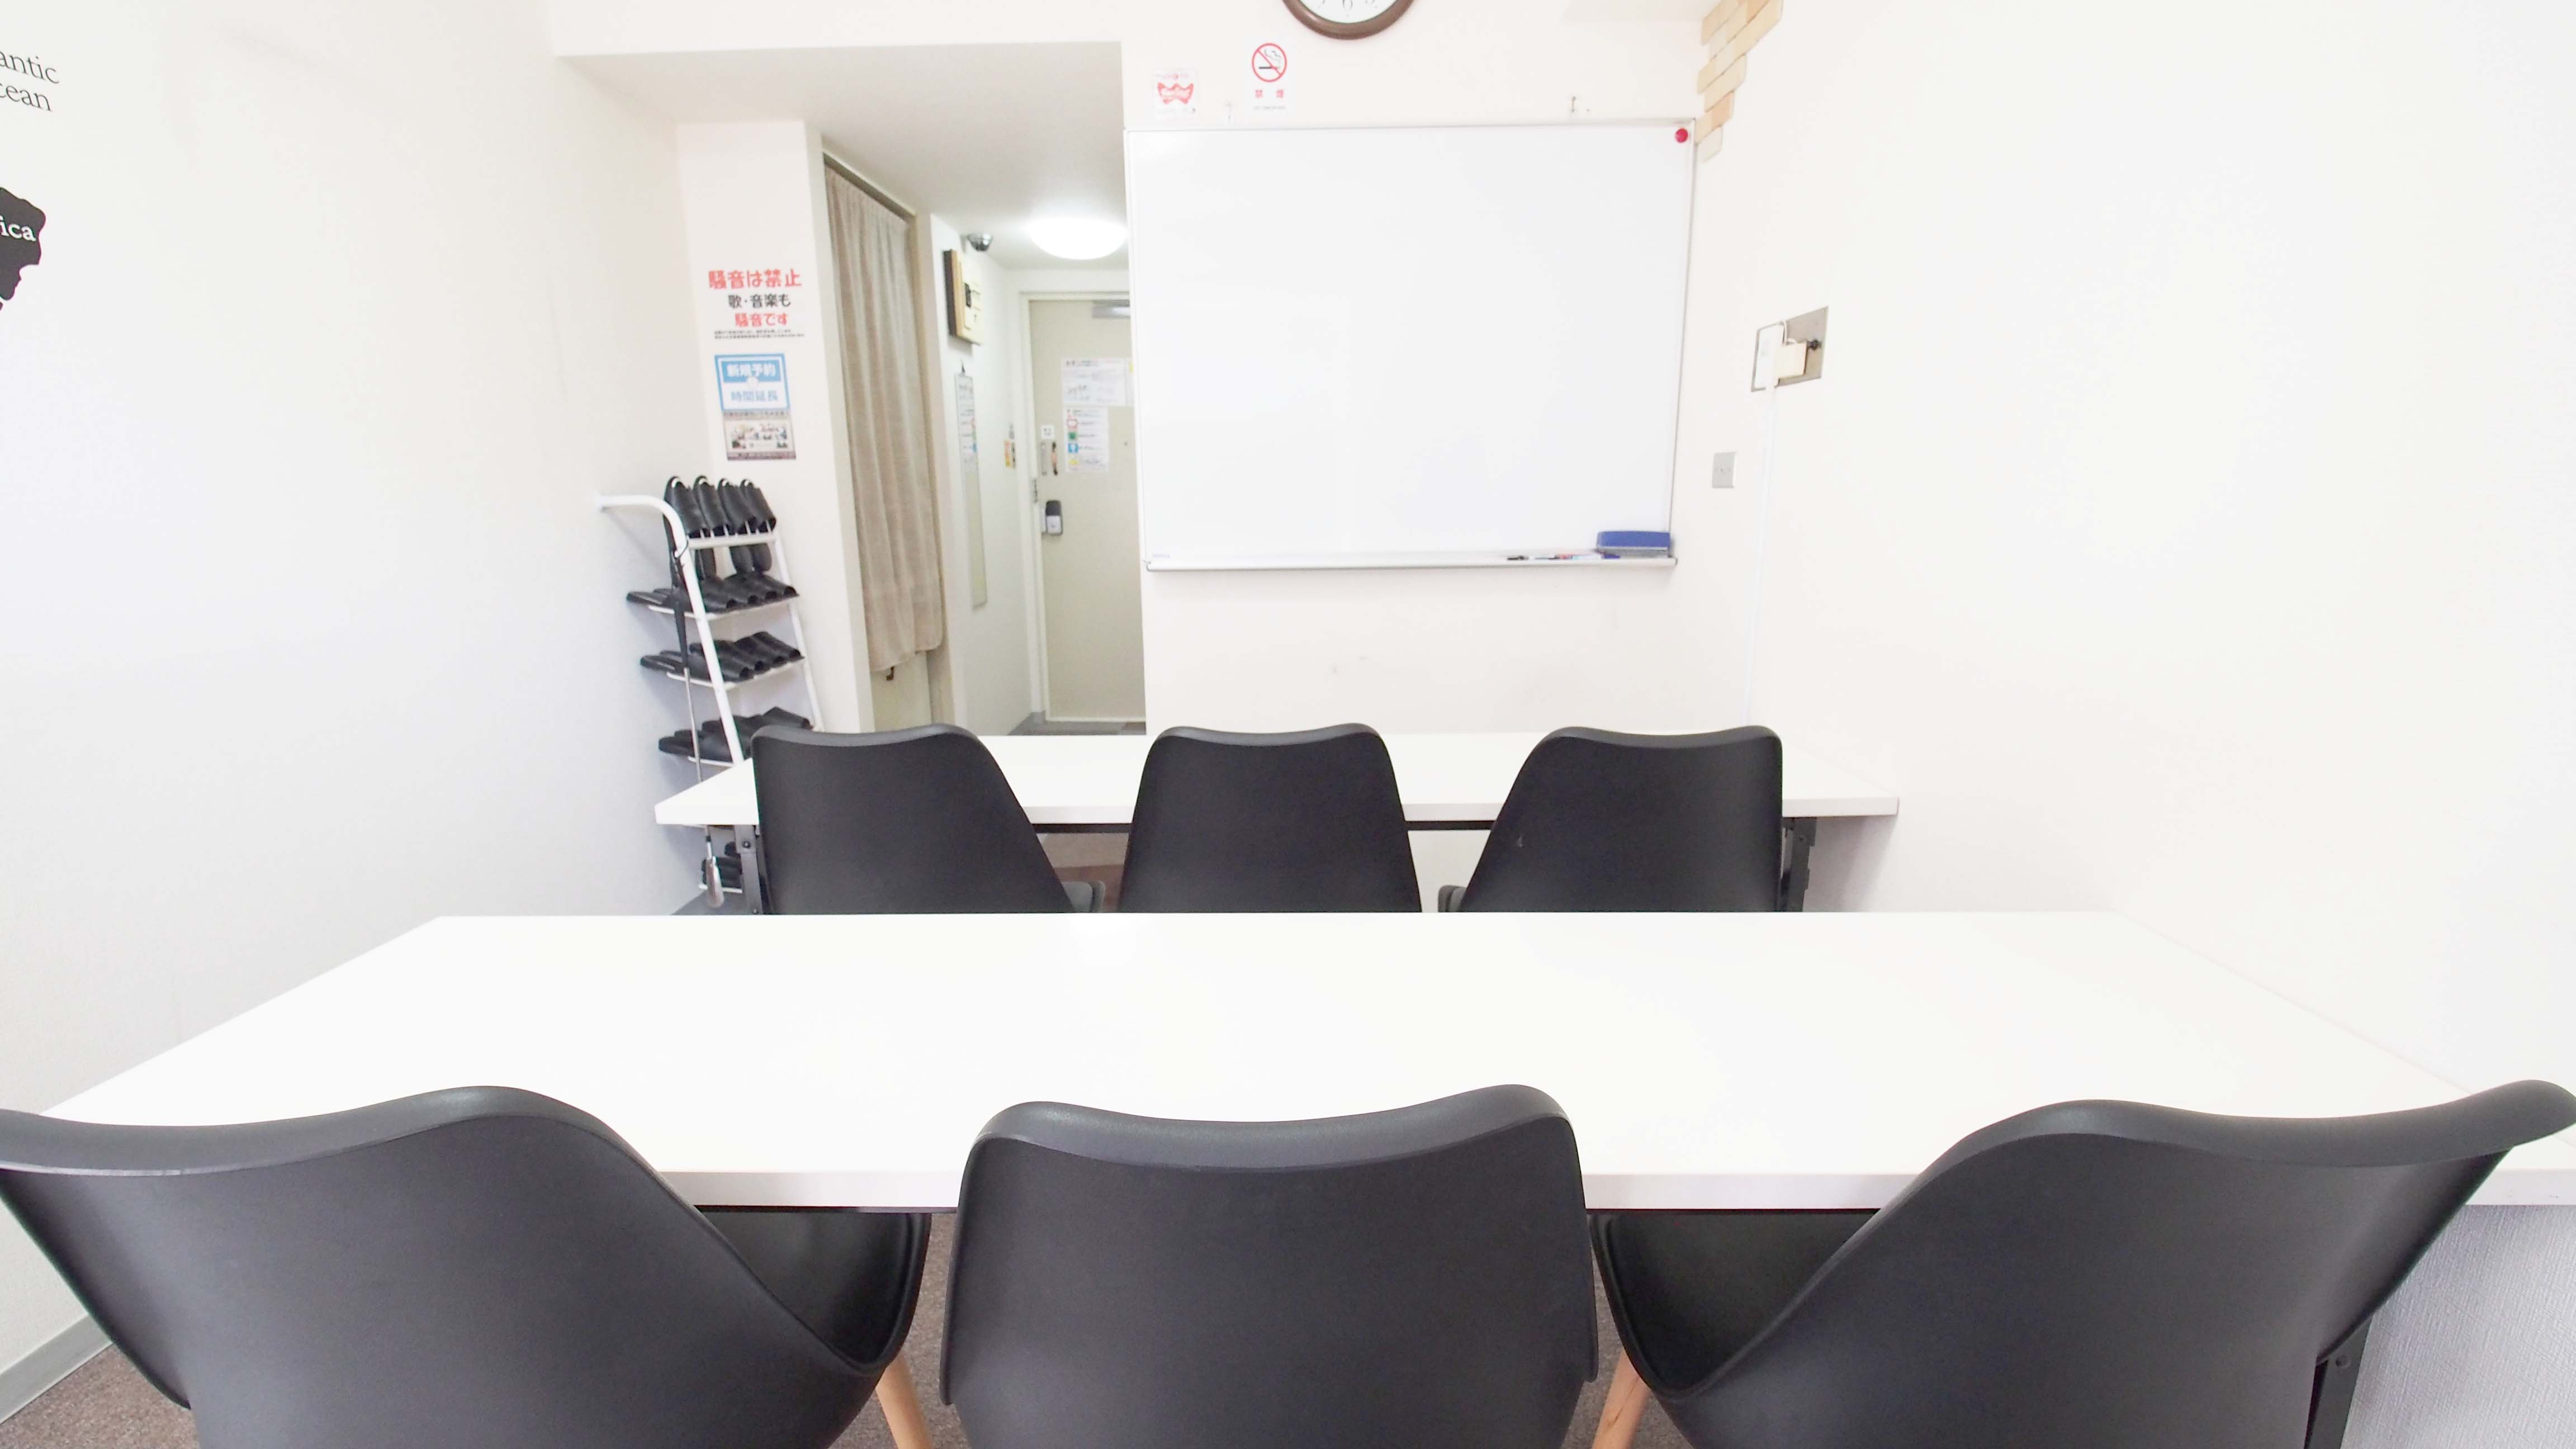 横浜の貸し会議室BASE講習会向けレイアウト